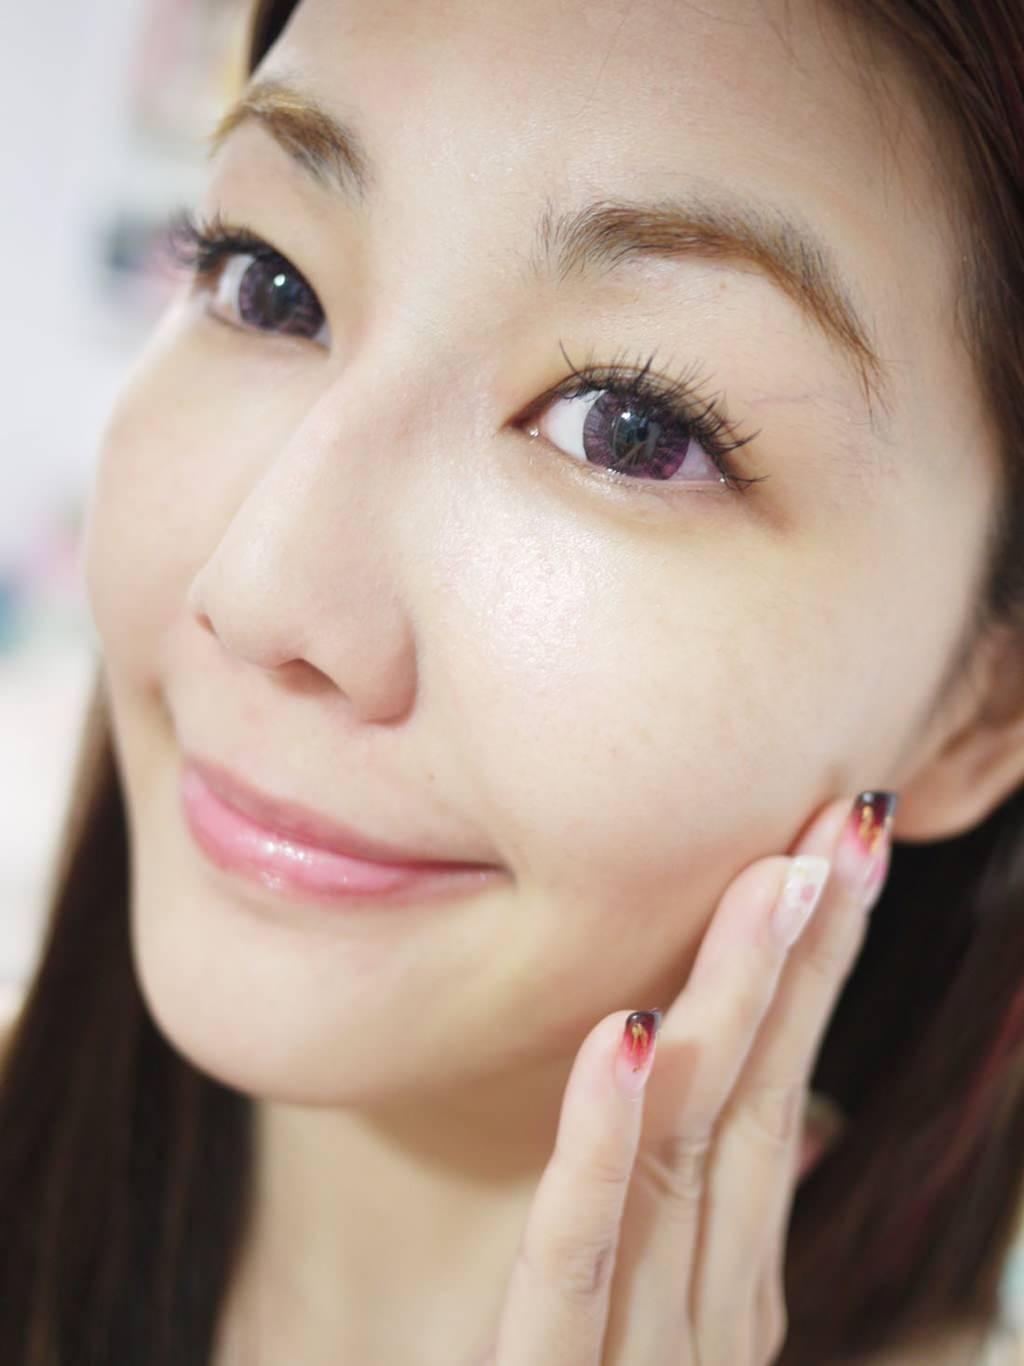 Dr.Jart+,韓國保養,肌膚專家,亞洲保養,保濕,亮白,水凝霜,敏弱肌,天然保養,220